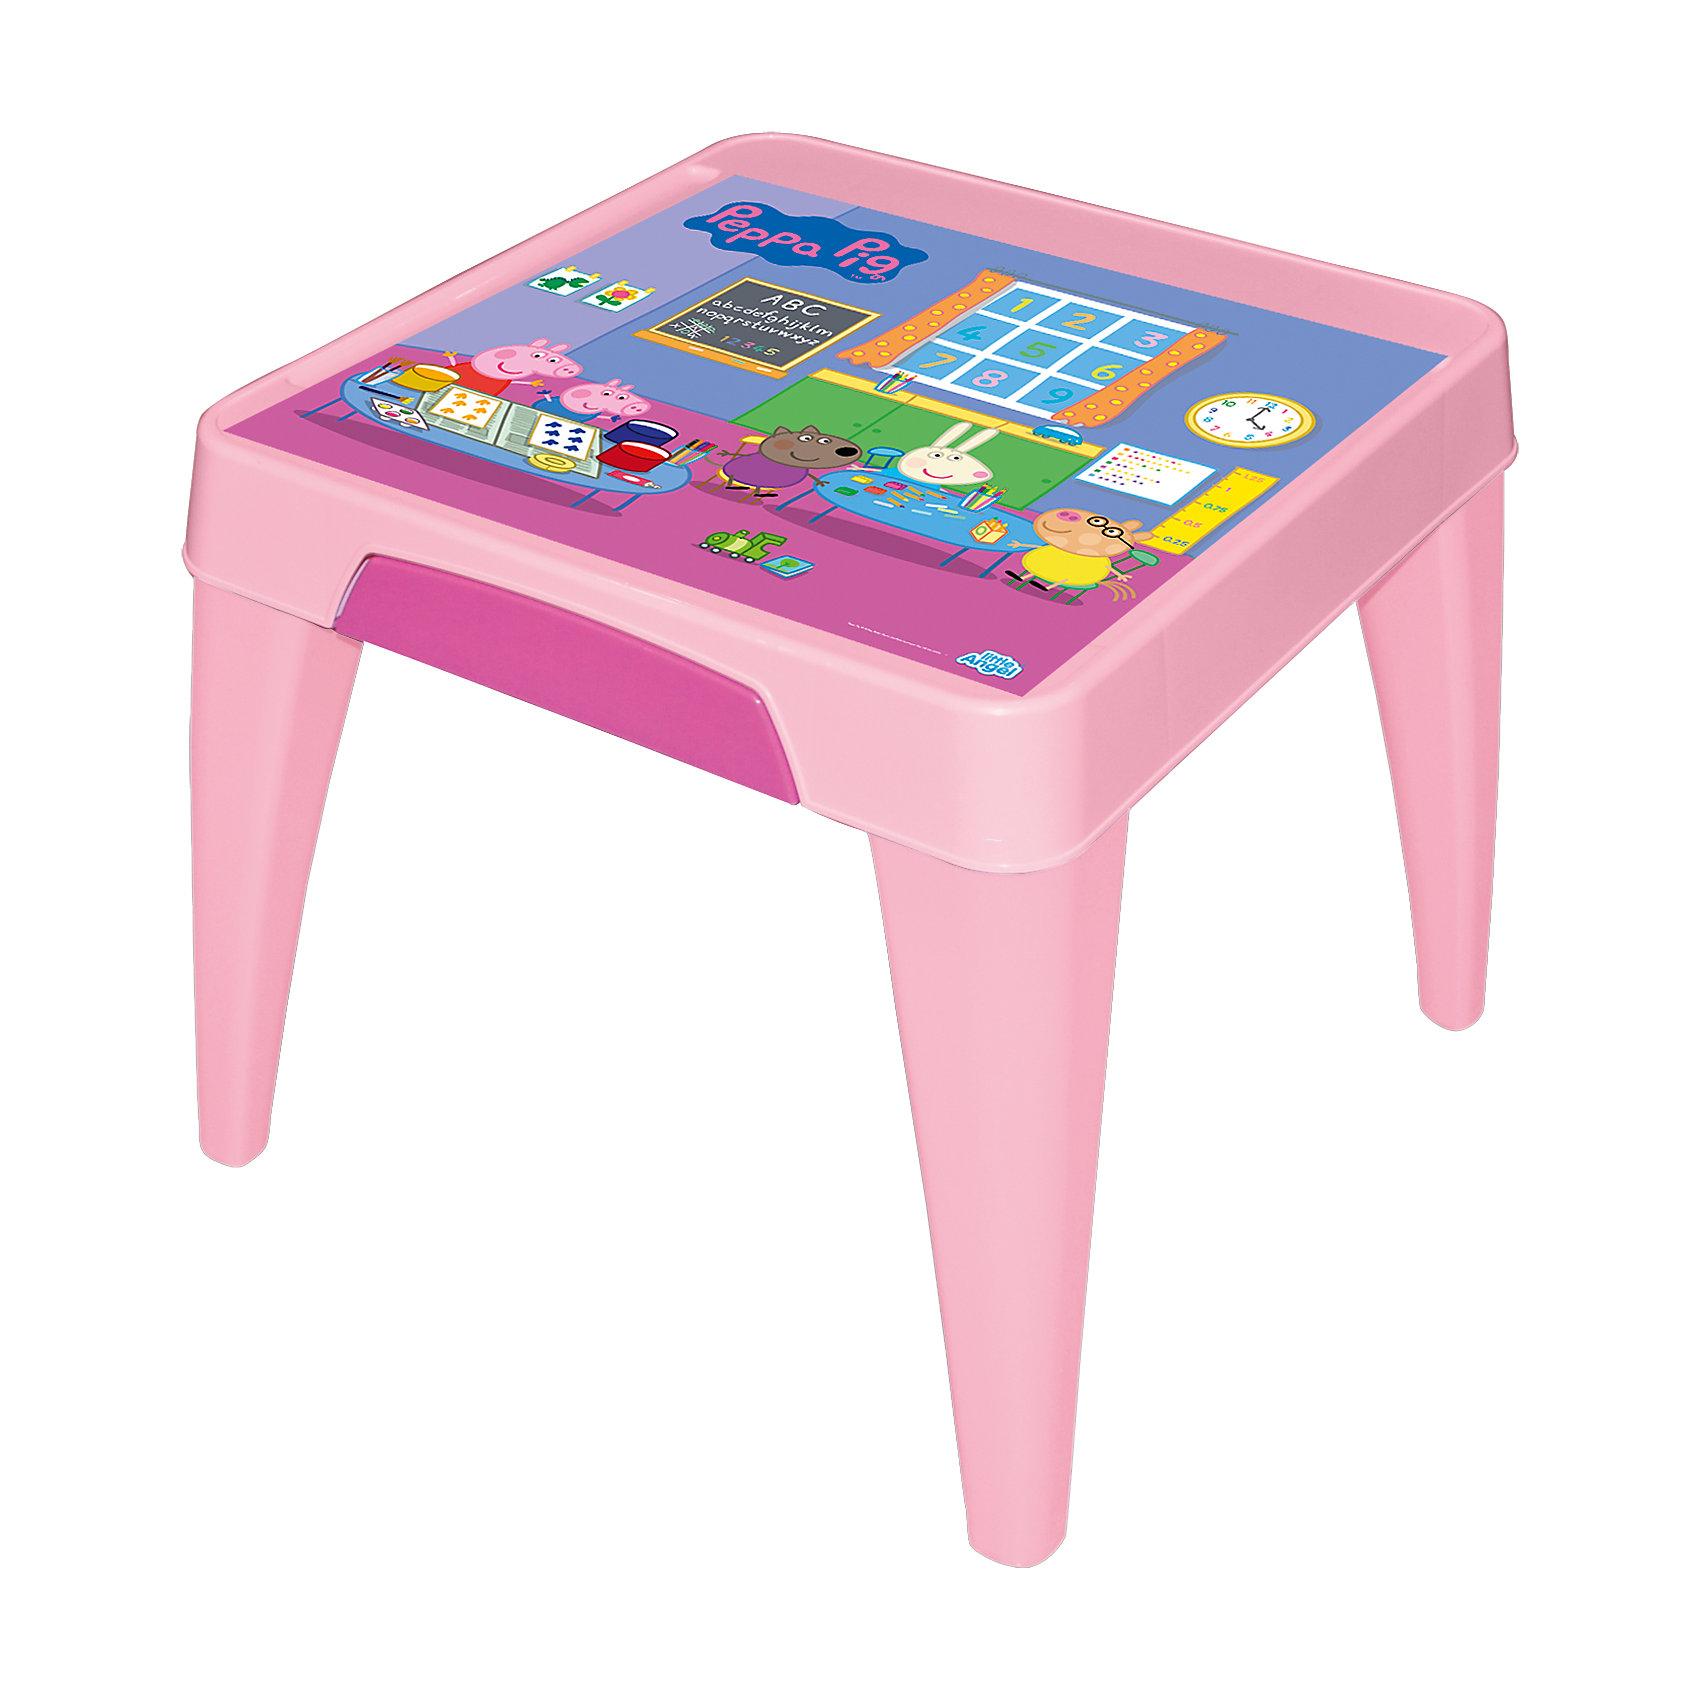 Стол Я расту  Свинка Пеппа, Little Angel, розовыйМебель<br>Детский стол от Little Angel – Ваш верный спутник в организации комфорта для малыша. Оптимальные пропорции и продуманная с учетом всех потребностей ребенка конструкция, делают стол идеальным для обучения, игр и приема пищи.  Закругленные углы столешницы и ножек для безопасности малыша. Выдвижной ящик для хранения важных мелочей. Углубления по краям столешницы для карандашей, ручек и кисточек. Нескользящая поверхность стола для комфортных игр и обучения. Противоскользящие накладки на ножках для использования на любой поверхности. Особо прочная конструкция ножек стола для надежной и безопасной эксплуатации.<br><br>Ширина мм: 605<br>Глубина мм: 605<br>Высота мм: 500<br>Вес г: 3600<br>Возраст от месяцев: 24<br>Возраст до месяцев: 72<br>Пол: Женский<br>Возраст: Детский<br>SKU: 4976092